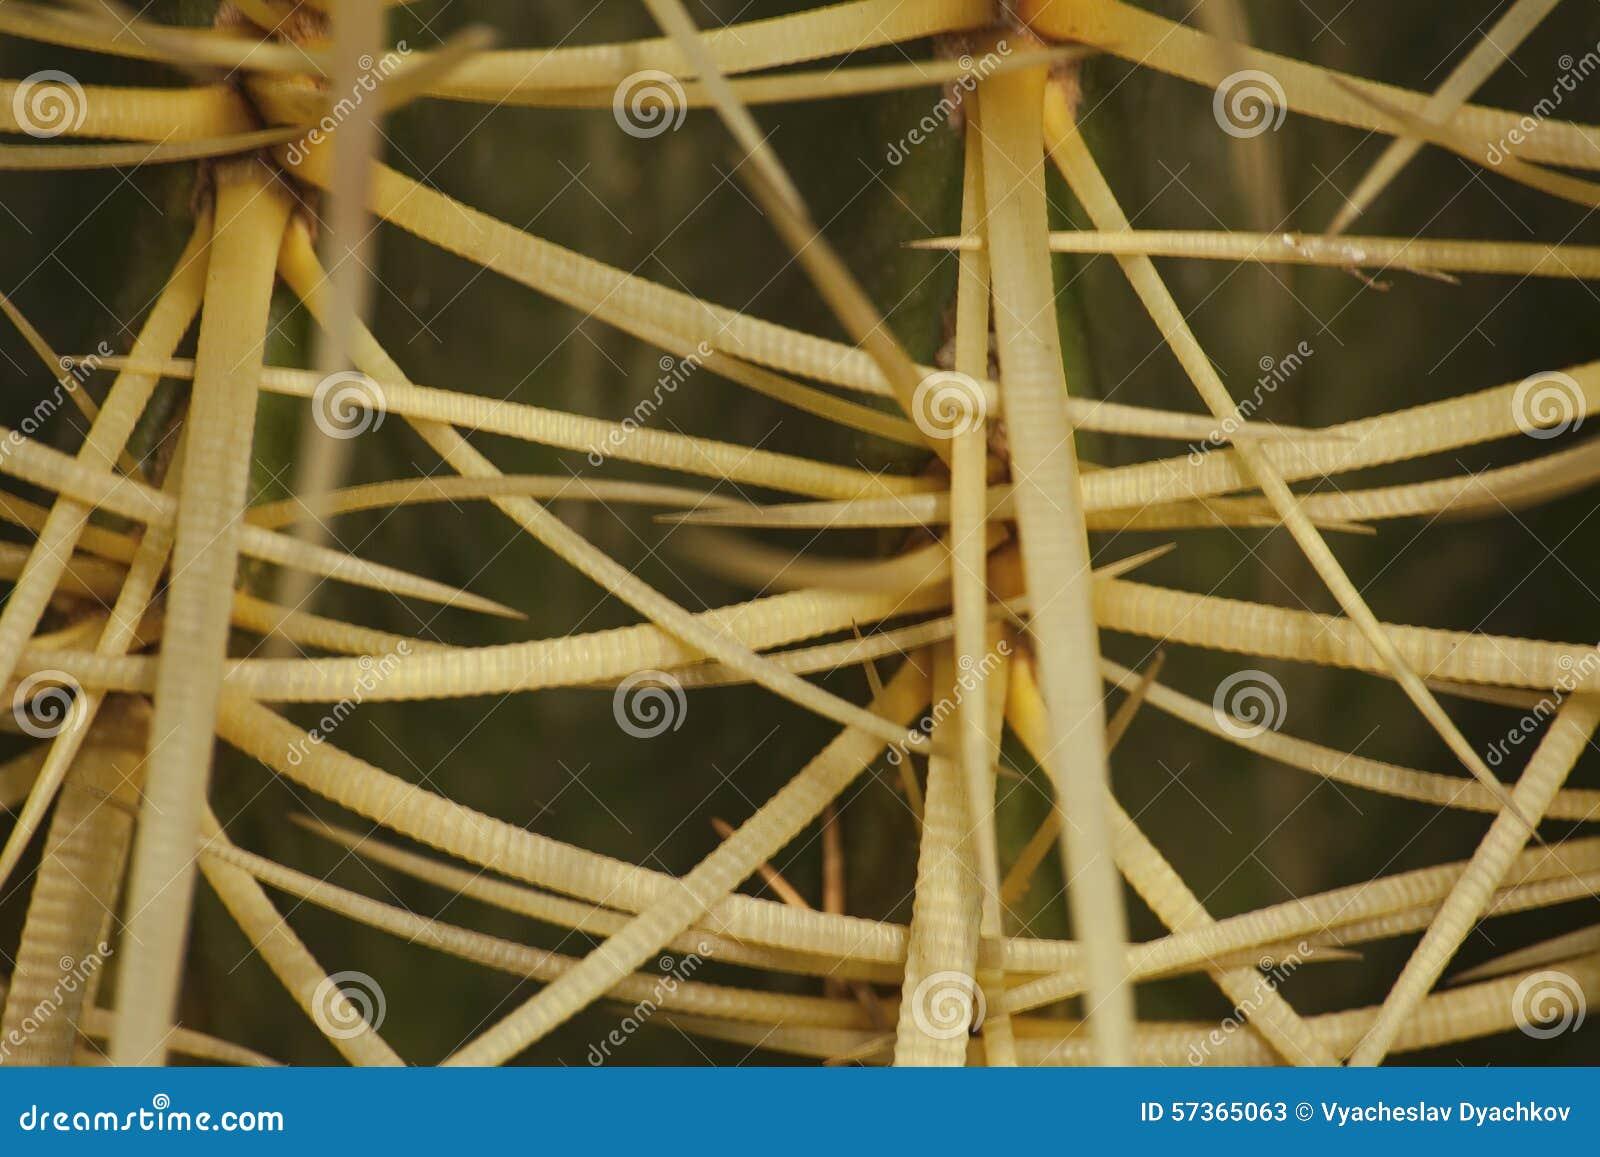 Μακρο απόκομα Grusonii Hildm Echinocactus (χρυσός κάκτος βαρελιών, χρυσή σφαίρα, μαξιλάρι του mather--νόμου)